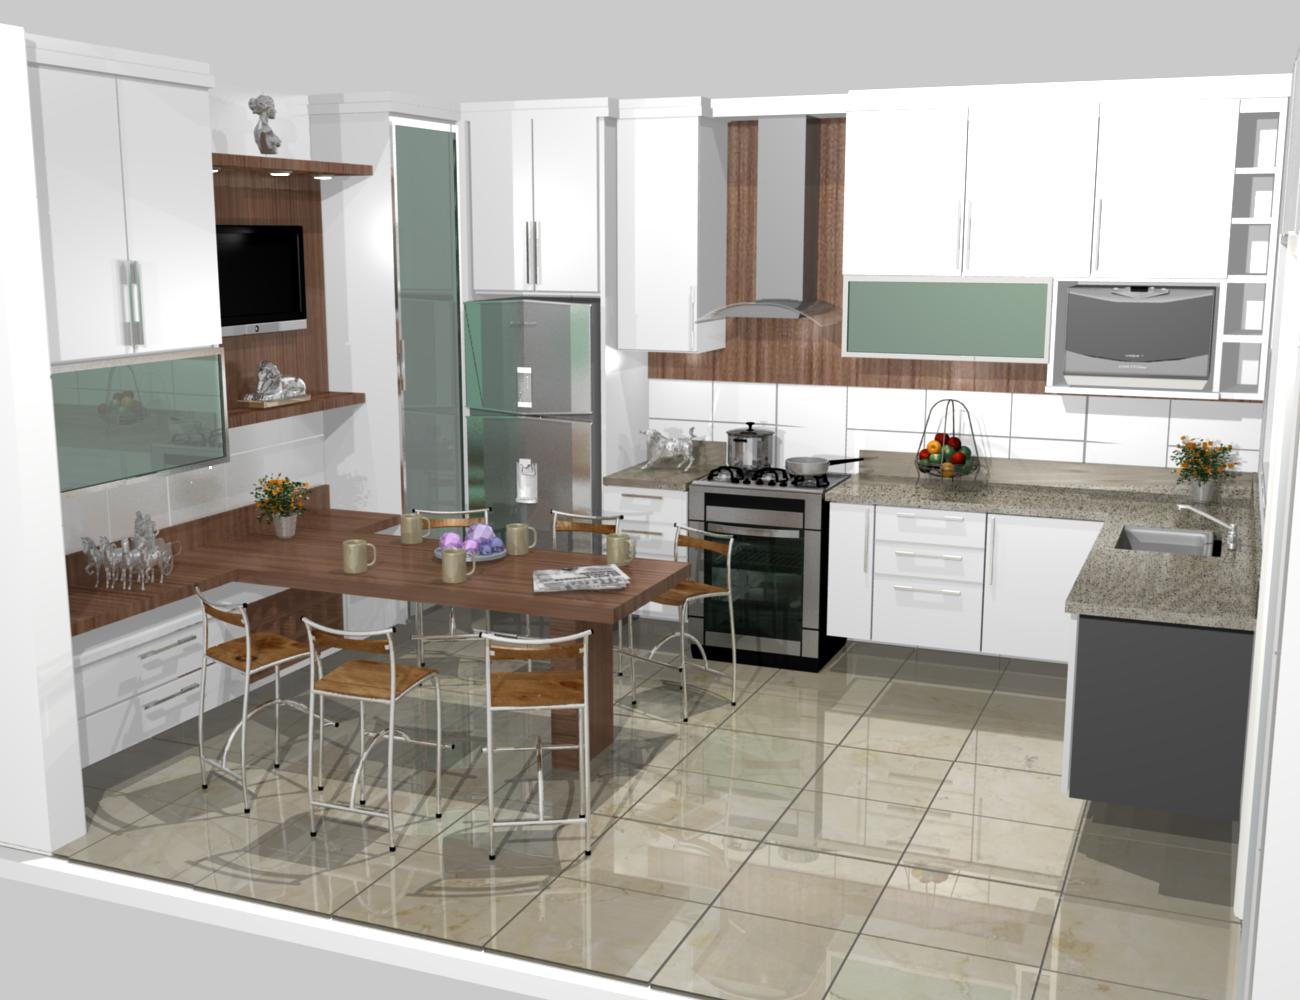 cozinha planejadas pequenas decorada americana modulada luxo moderna #644A39 1300 1000